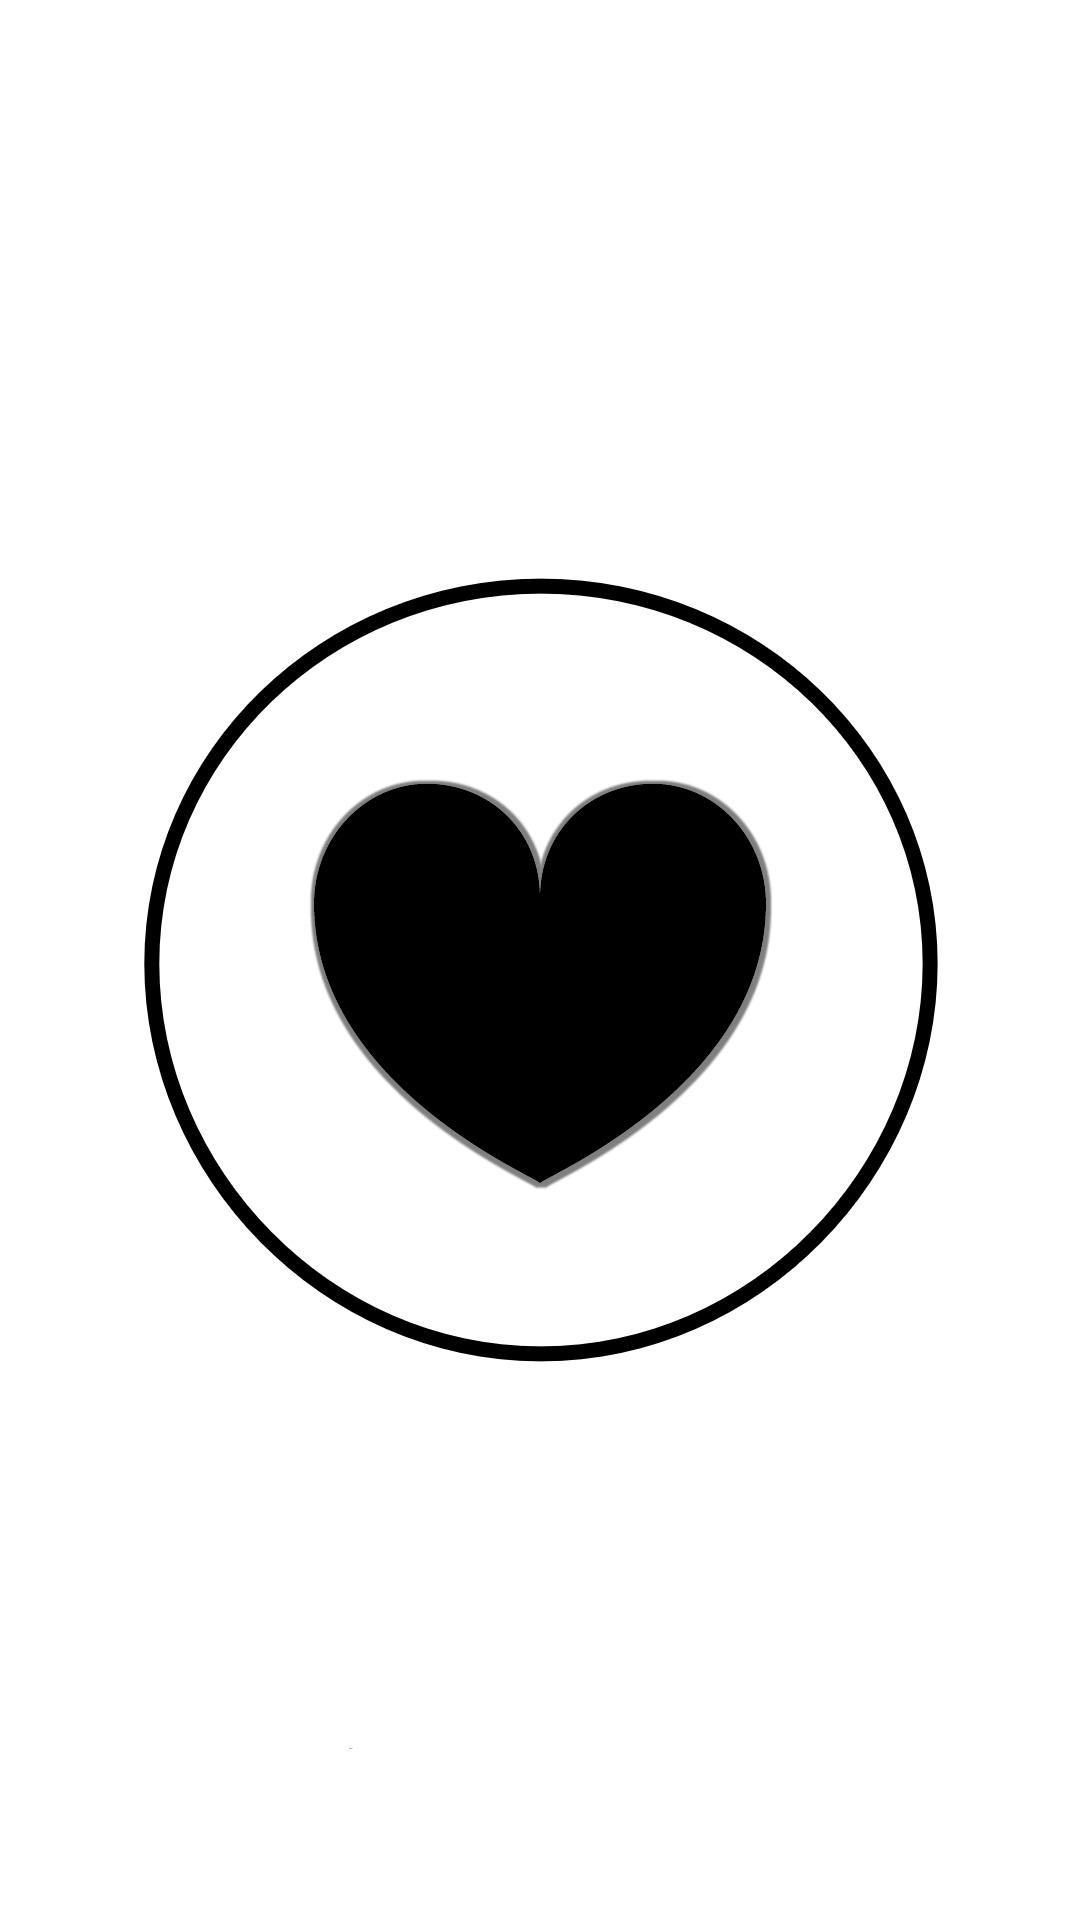 Instagram-cover-heart-blackwhite-lotnotes.com.jpg